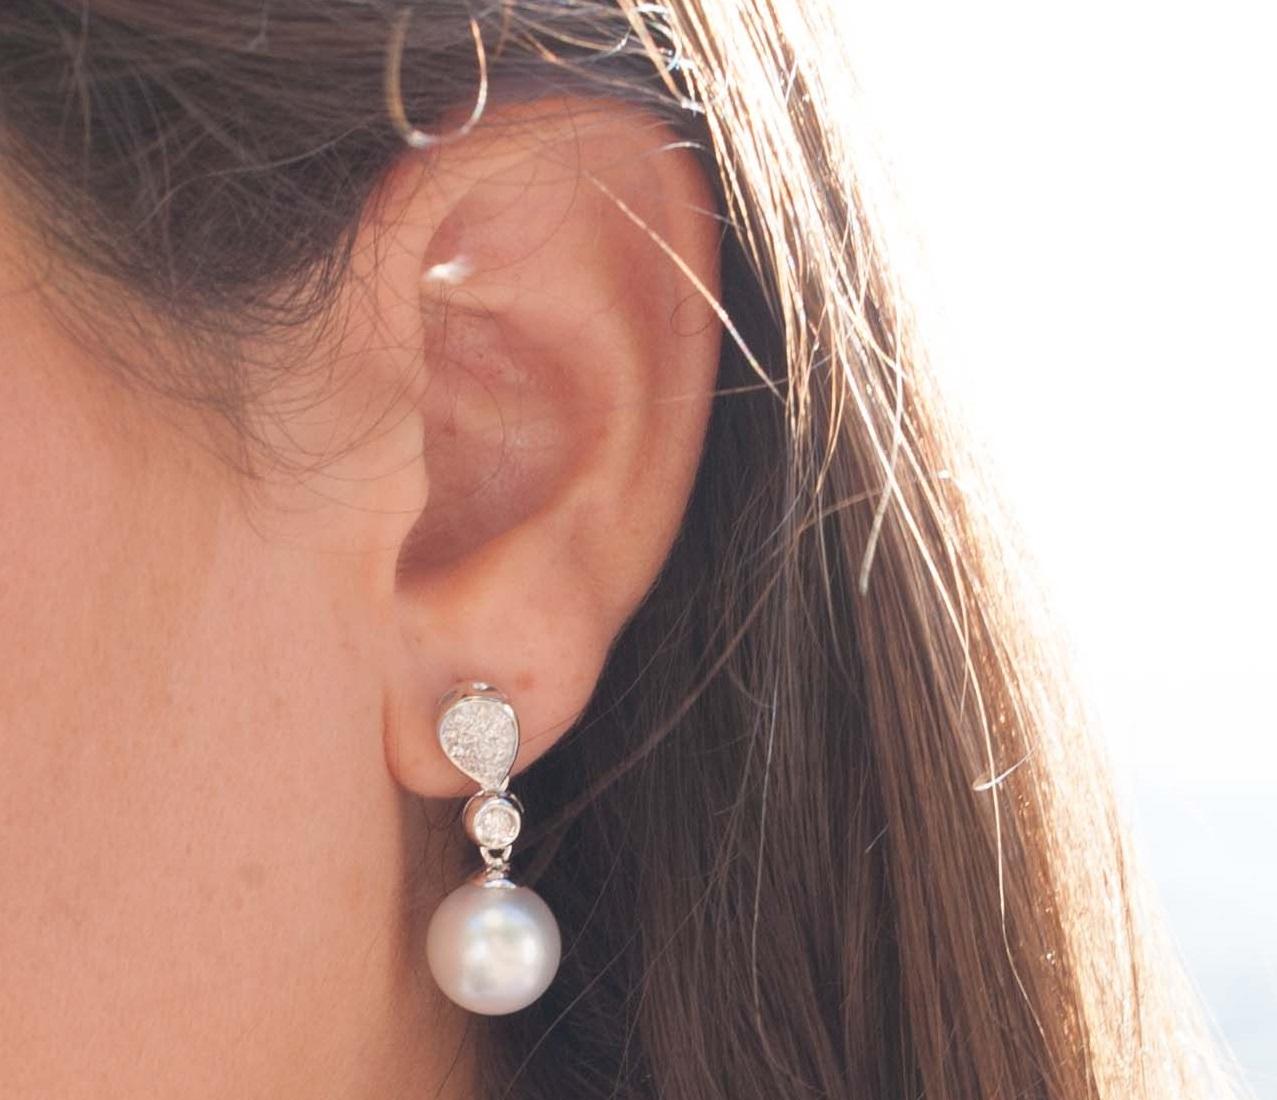 Pendiente diamentes y perla Australiana